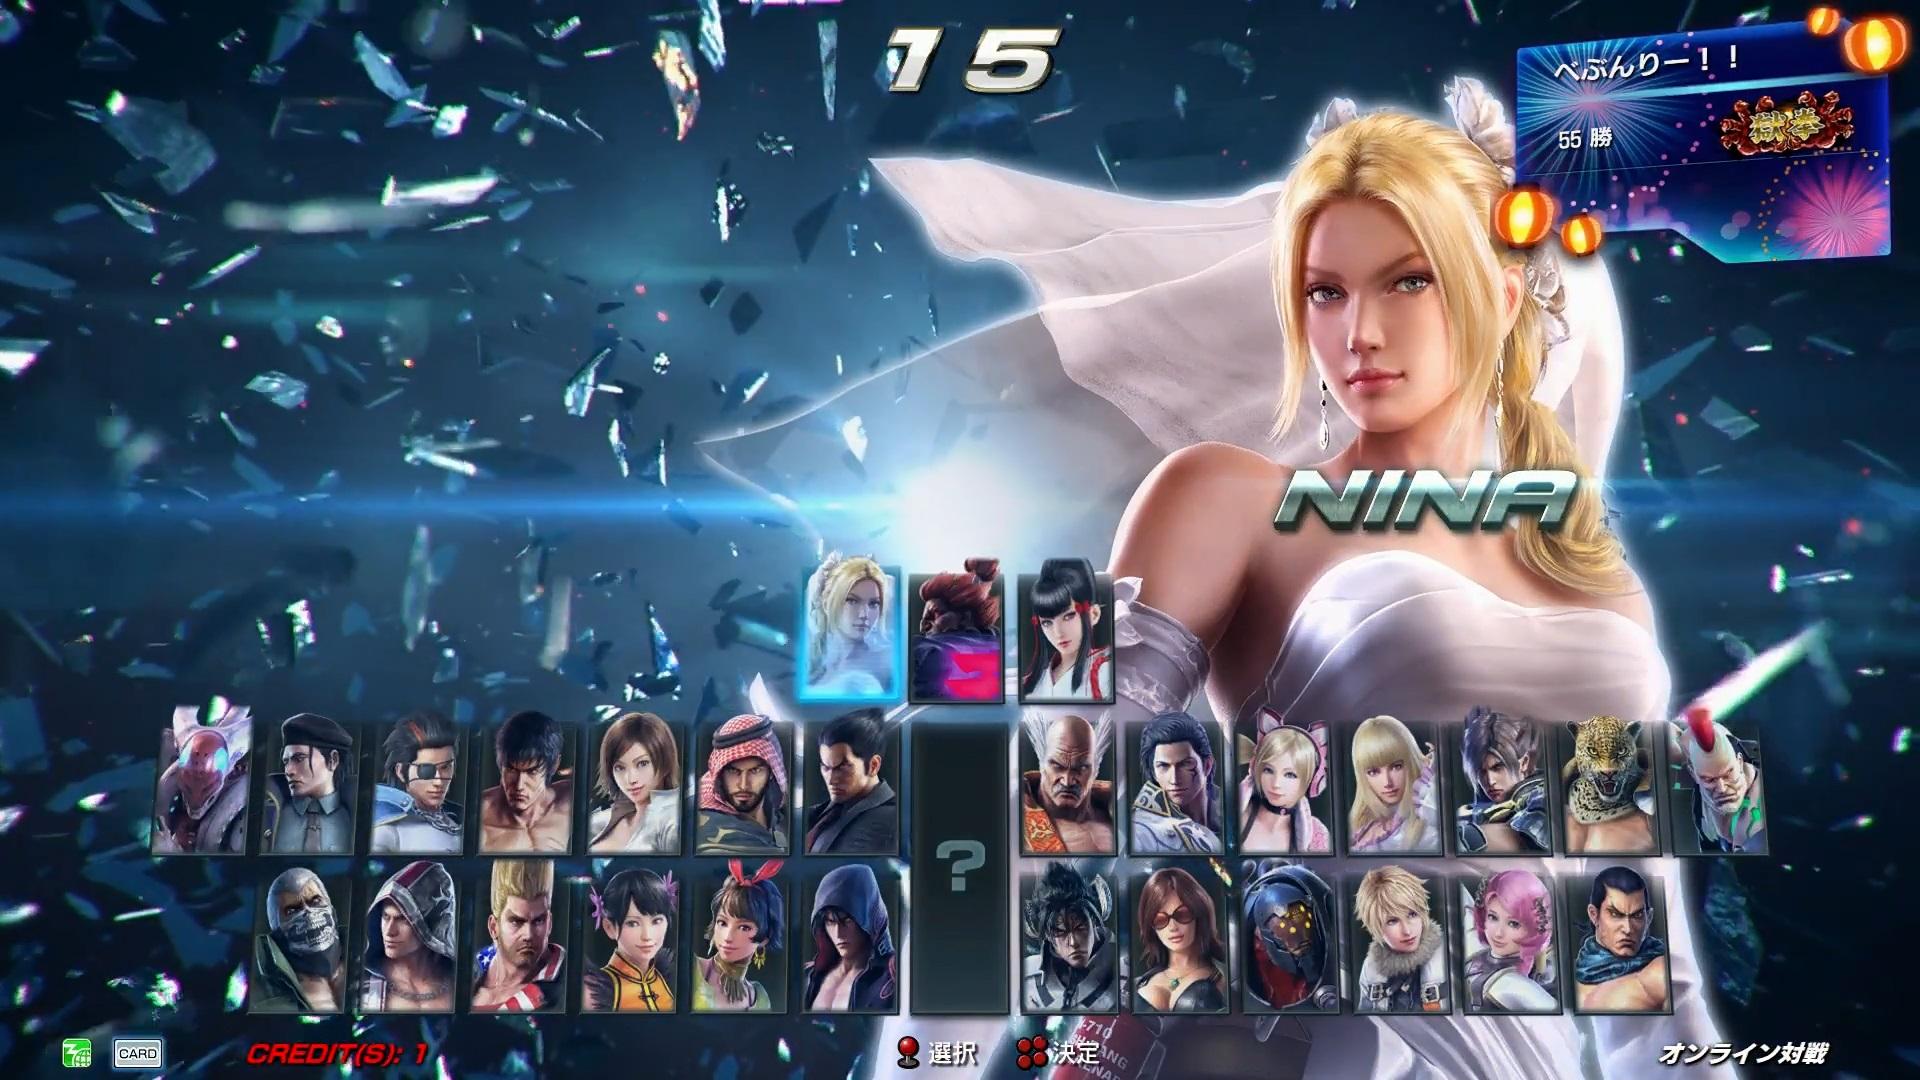 tekken 7 character tier list 2020